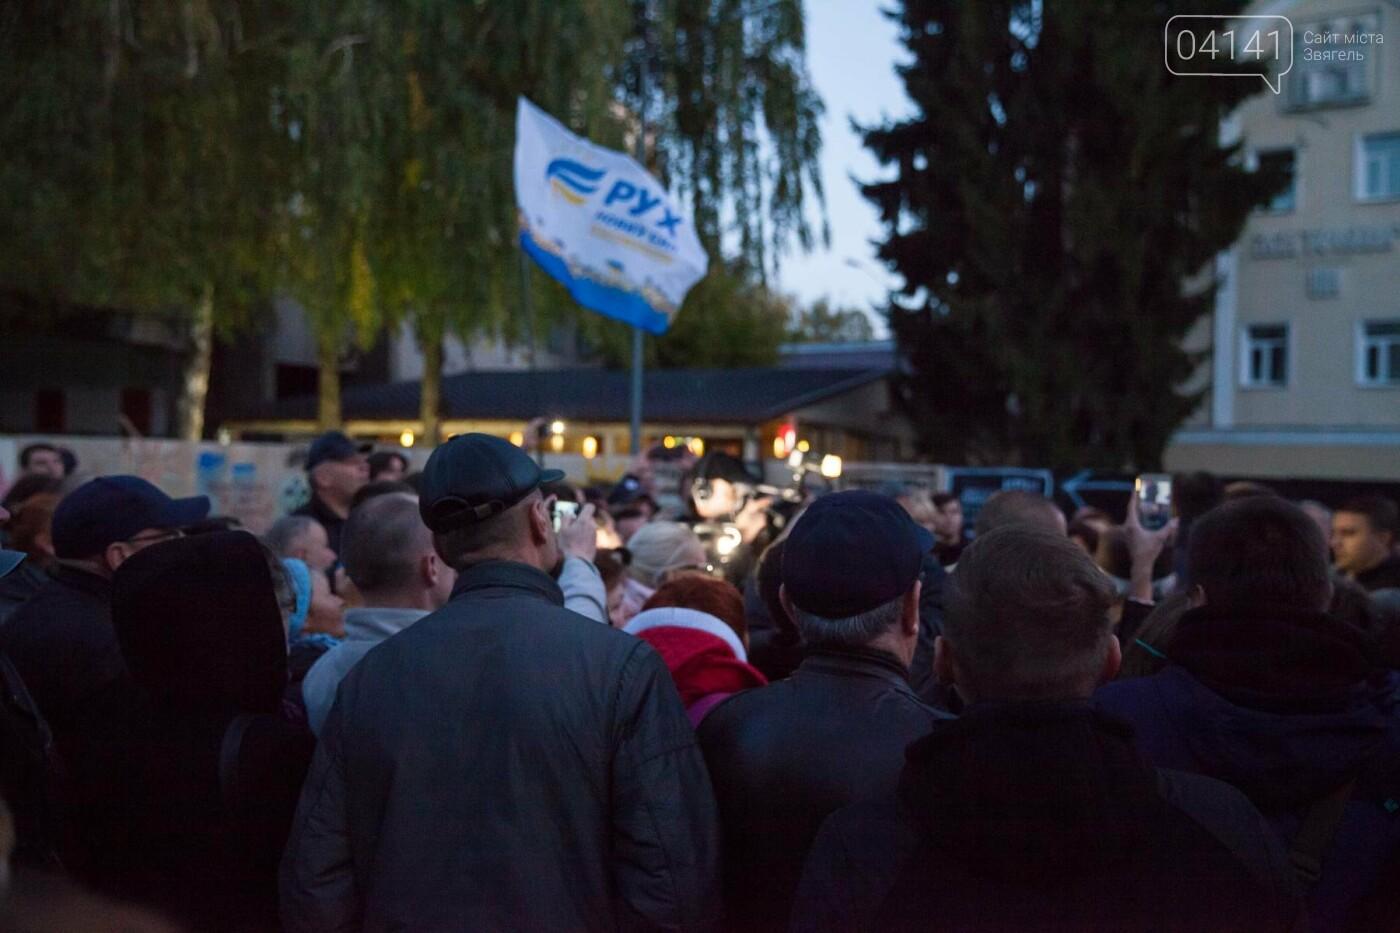 «Ми кажемо цій владі, що так не має бути і розповідаємо як бути повинно », - Наливайченко під час зустрічі в Житомирі, фото-10